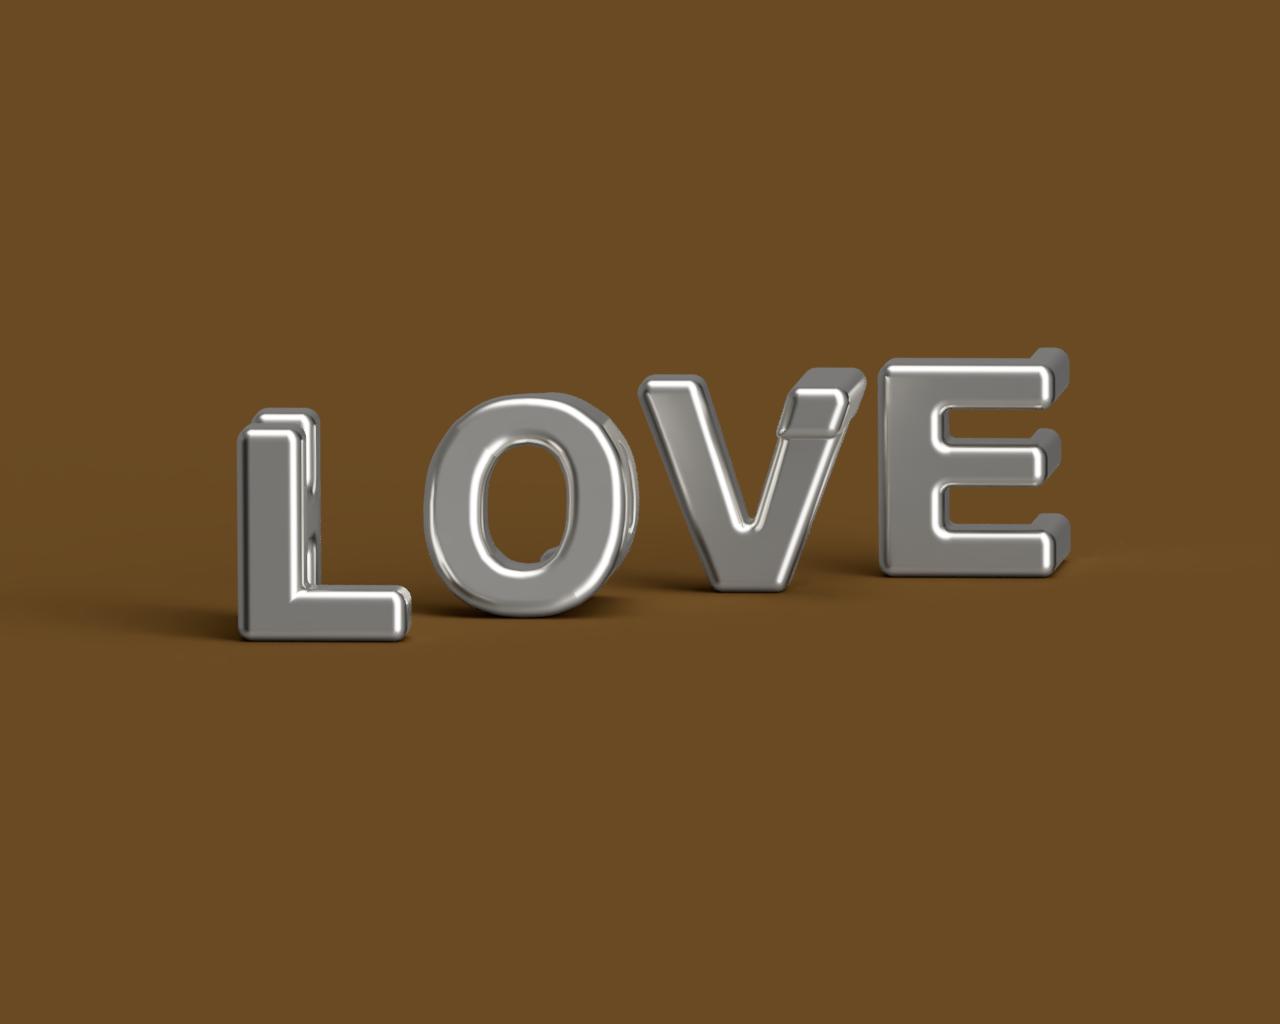 LoveHate_3D_optical_illusion_2019-Aug-25_02-44-54PM-000_CustomizedView37844455084.png Télécharger fichier STL gratuit L'amour et la haine - illusion d'optique • Modèle pour impression 3D, fusefactory